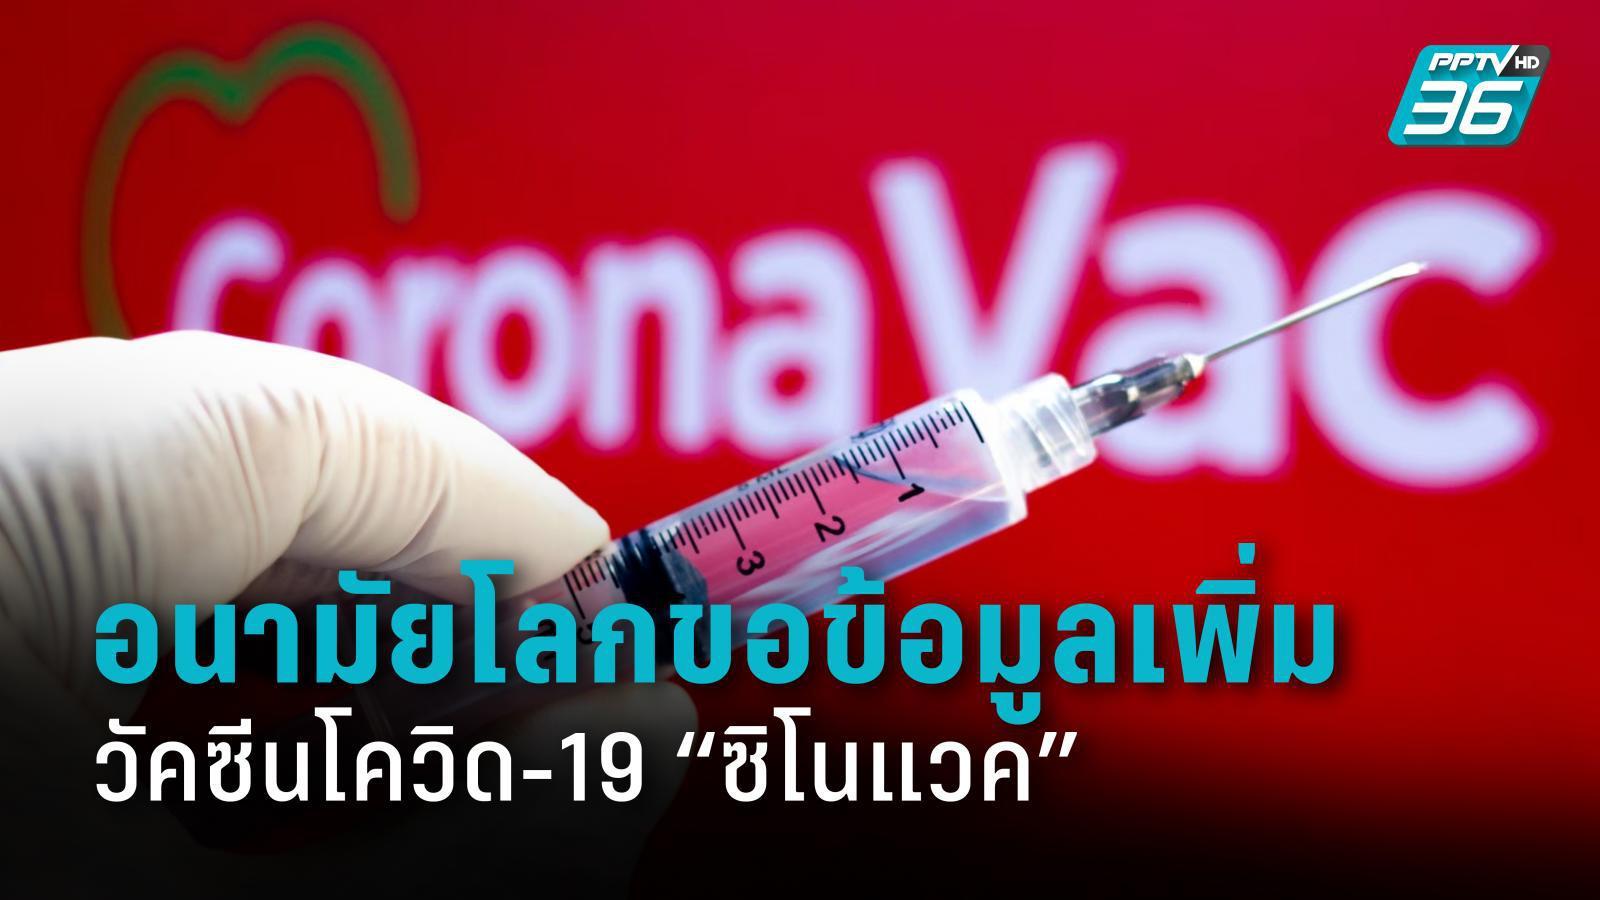 """อนามัยโลกขอข้อมูลวัคซีน """"ซิโนแวค"""" เพิ่ม เพื่อพิจารณาอนุมัติใช้ฉุกเฉิน"""